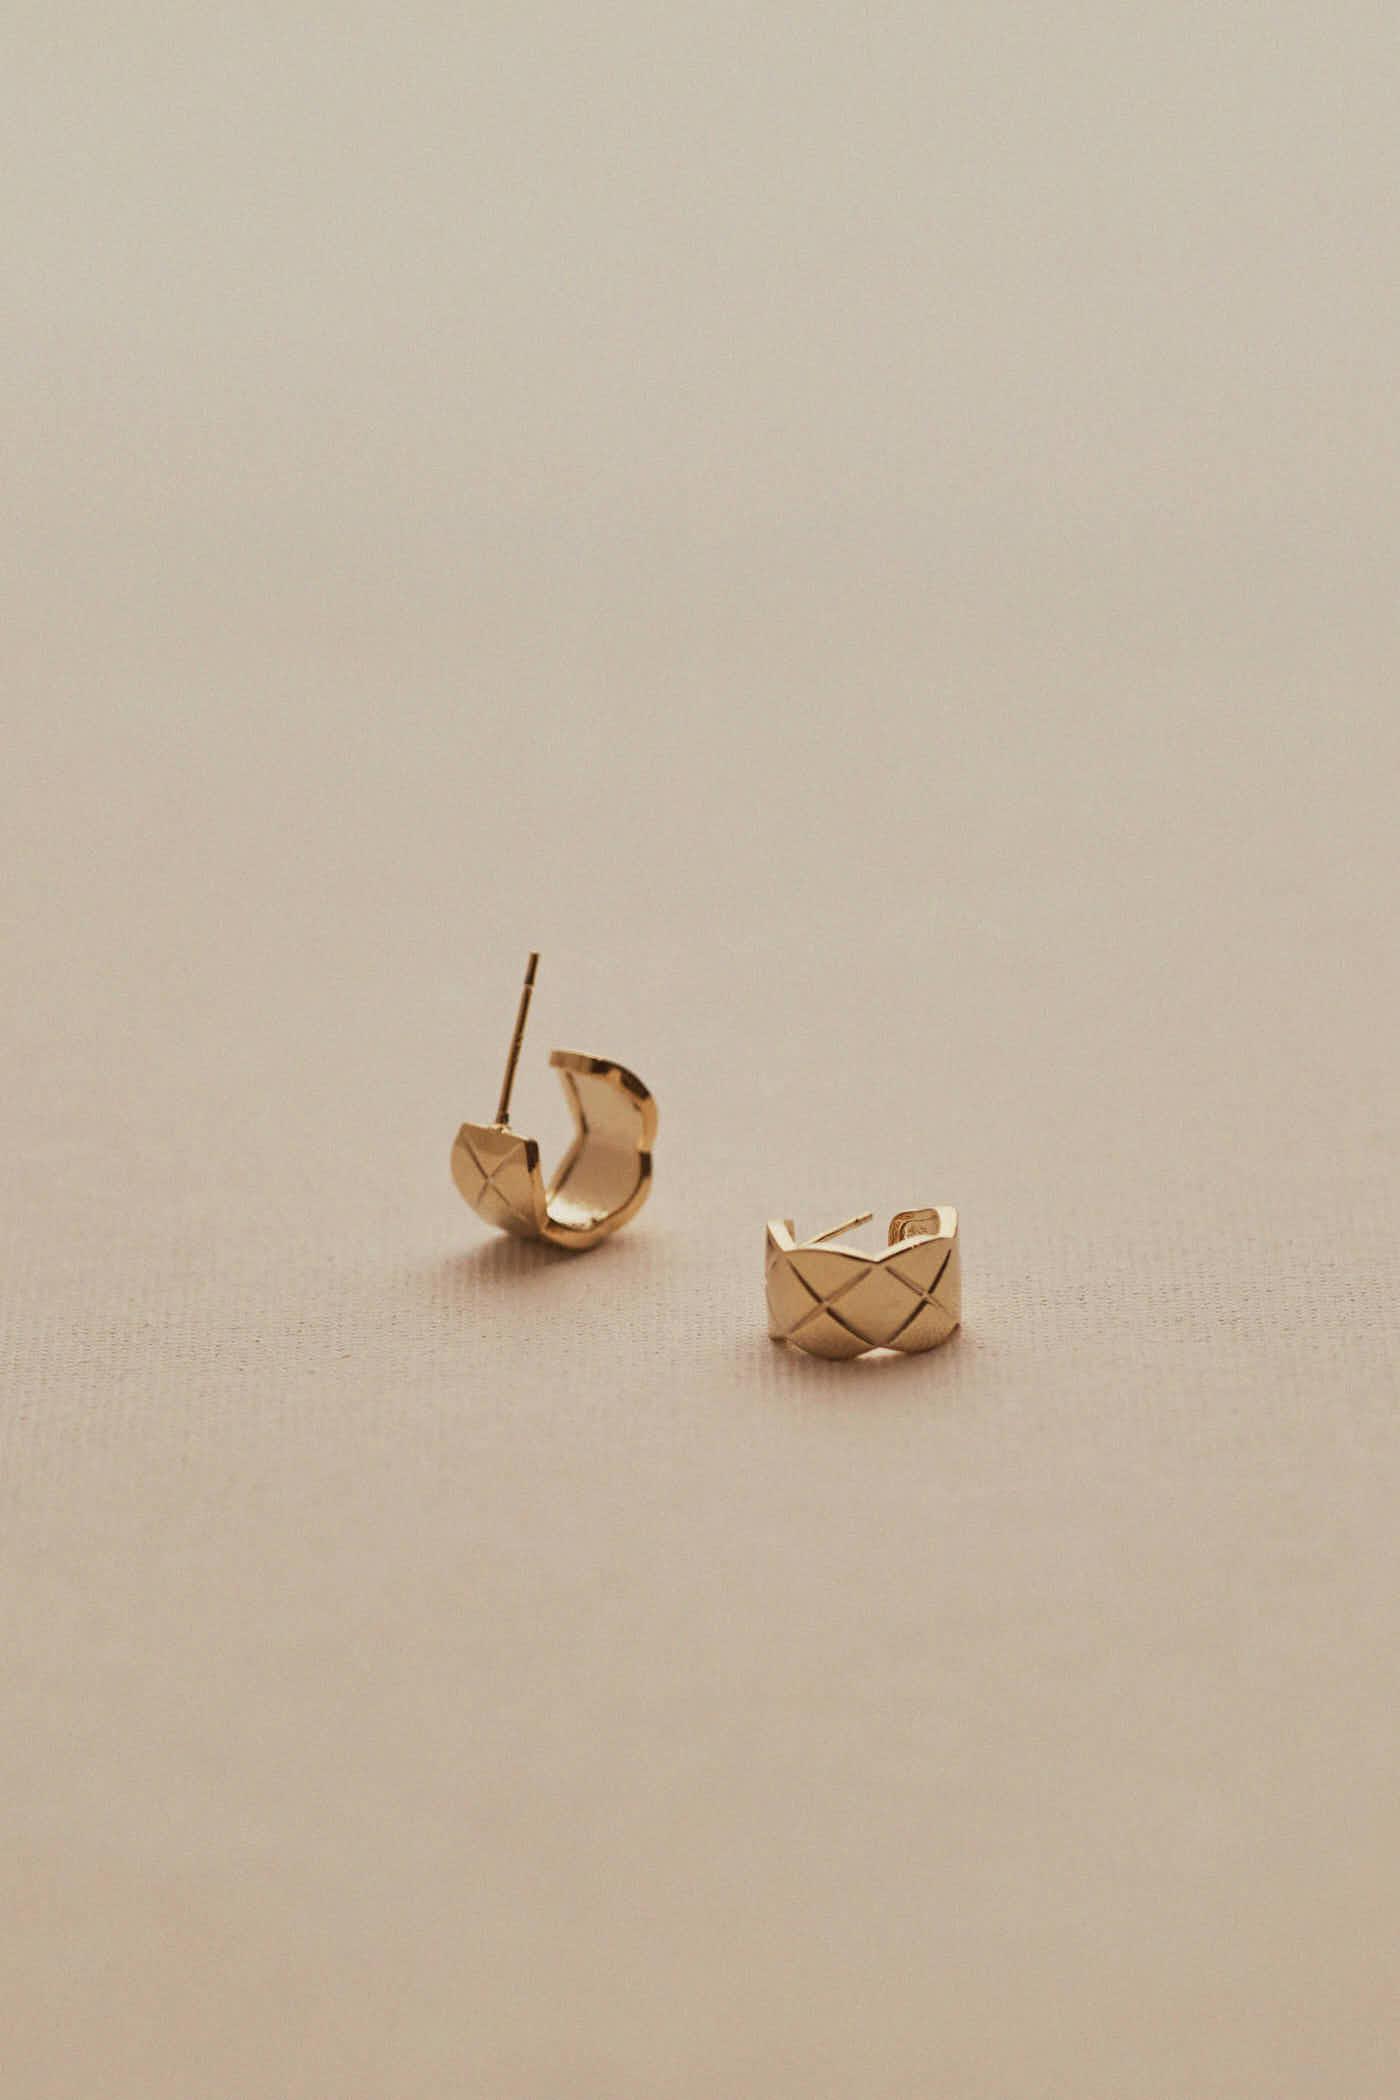 Lorelei Cuff Earrings